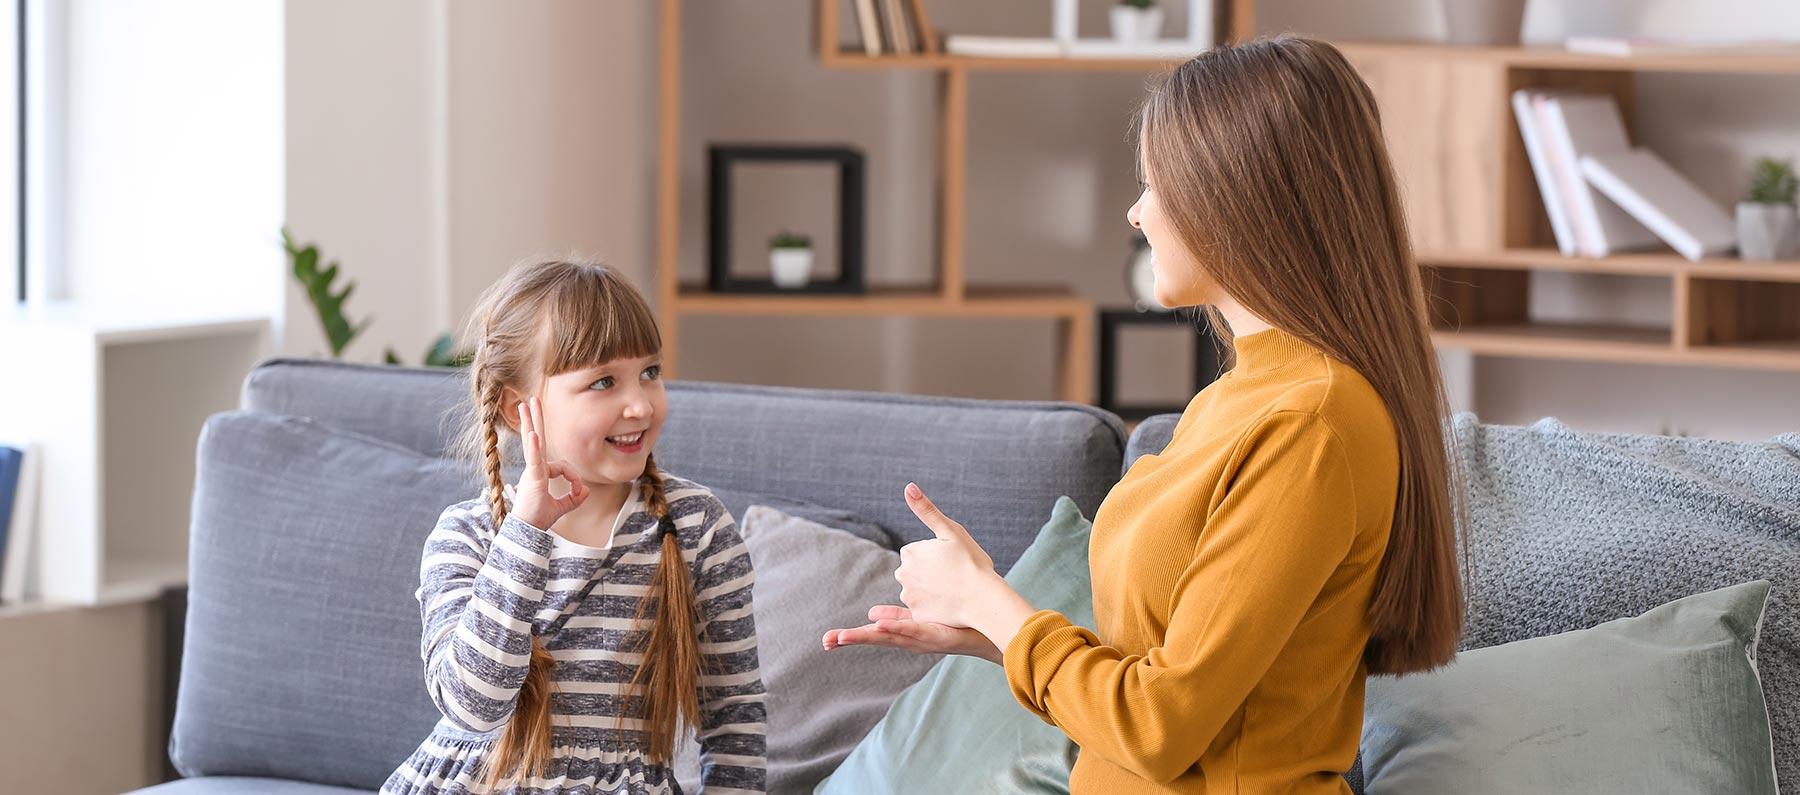 gebärdenunterstützte Kommunikation für Kinder